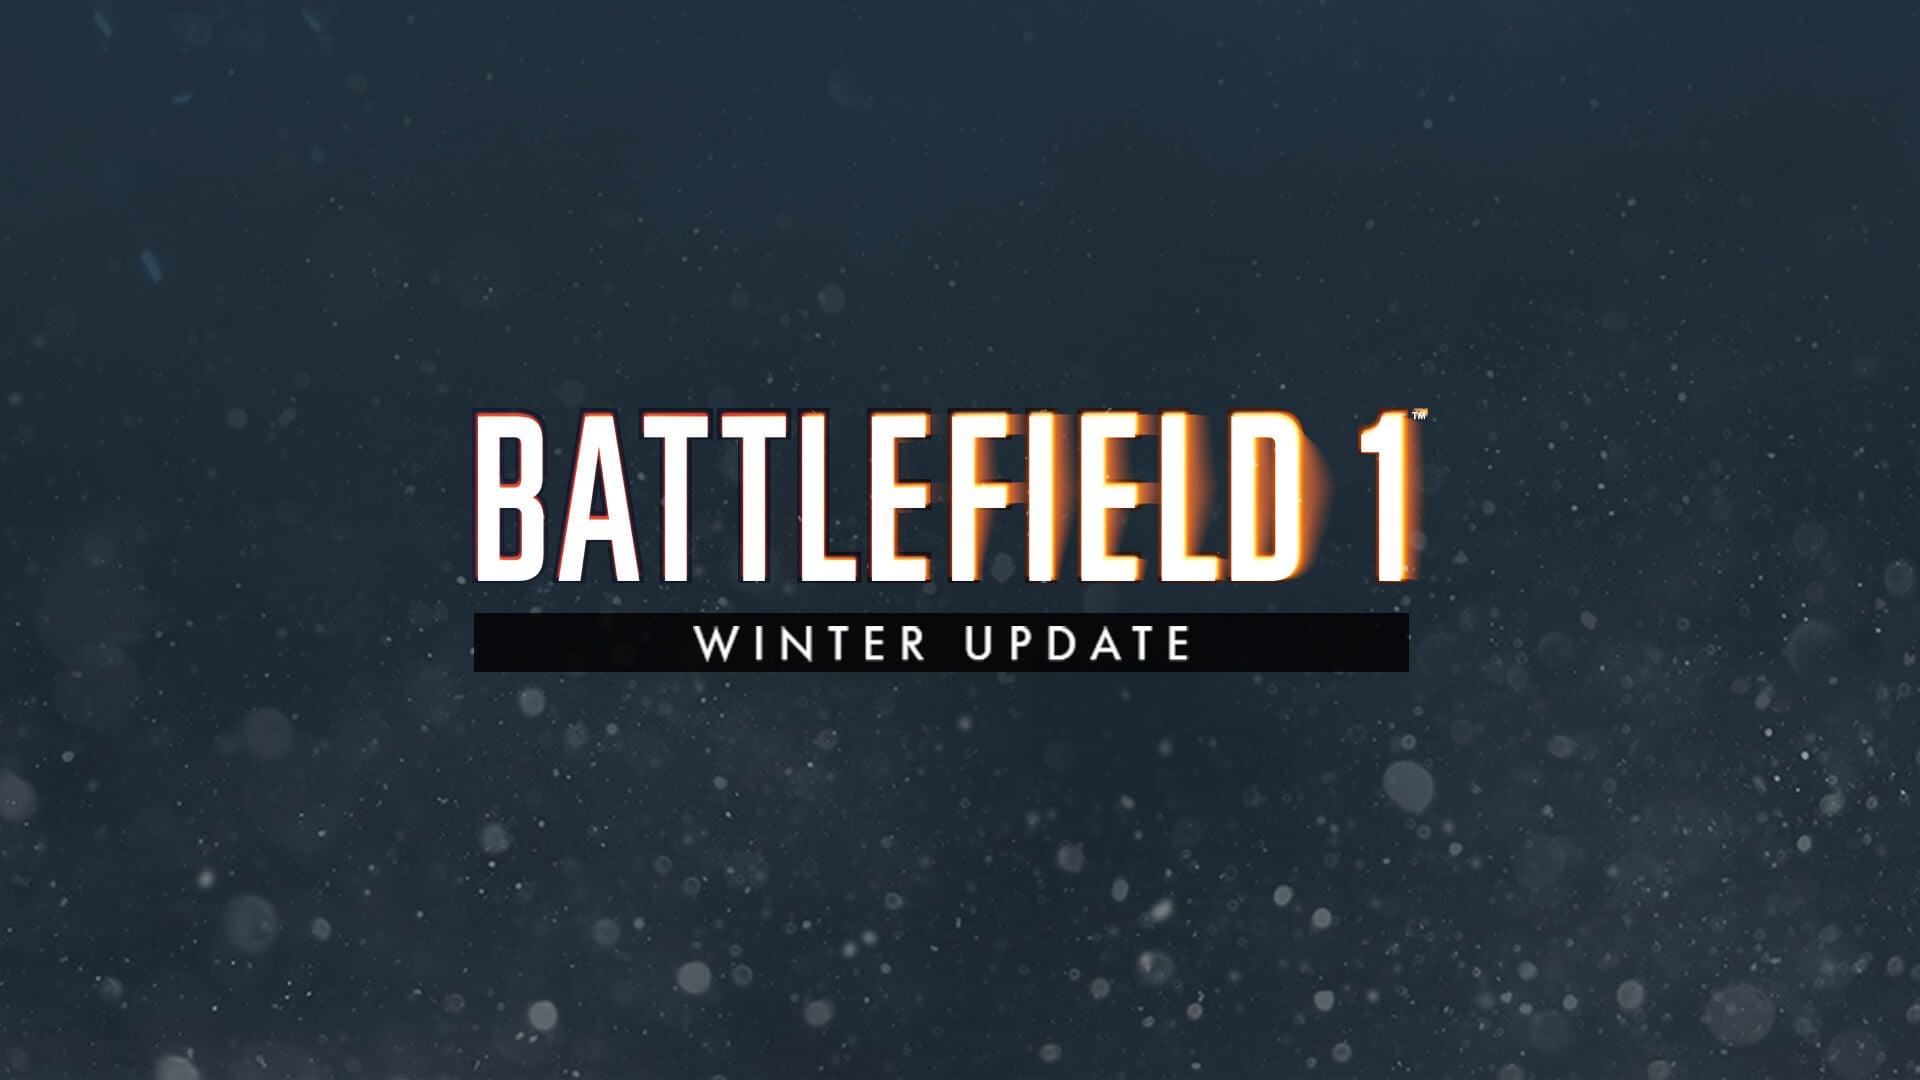 battlefield 1 winter update details and stream